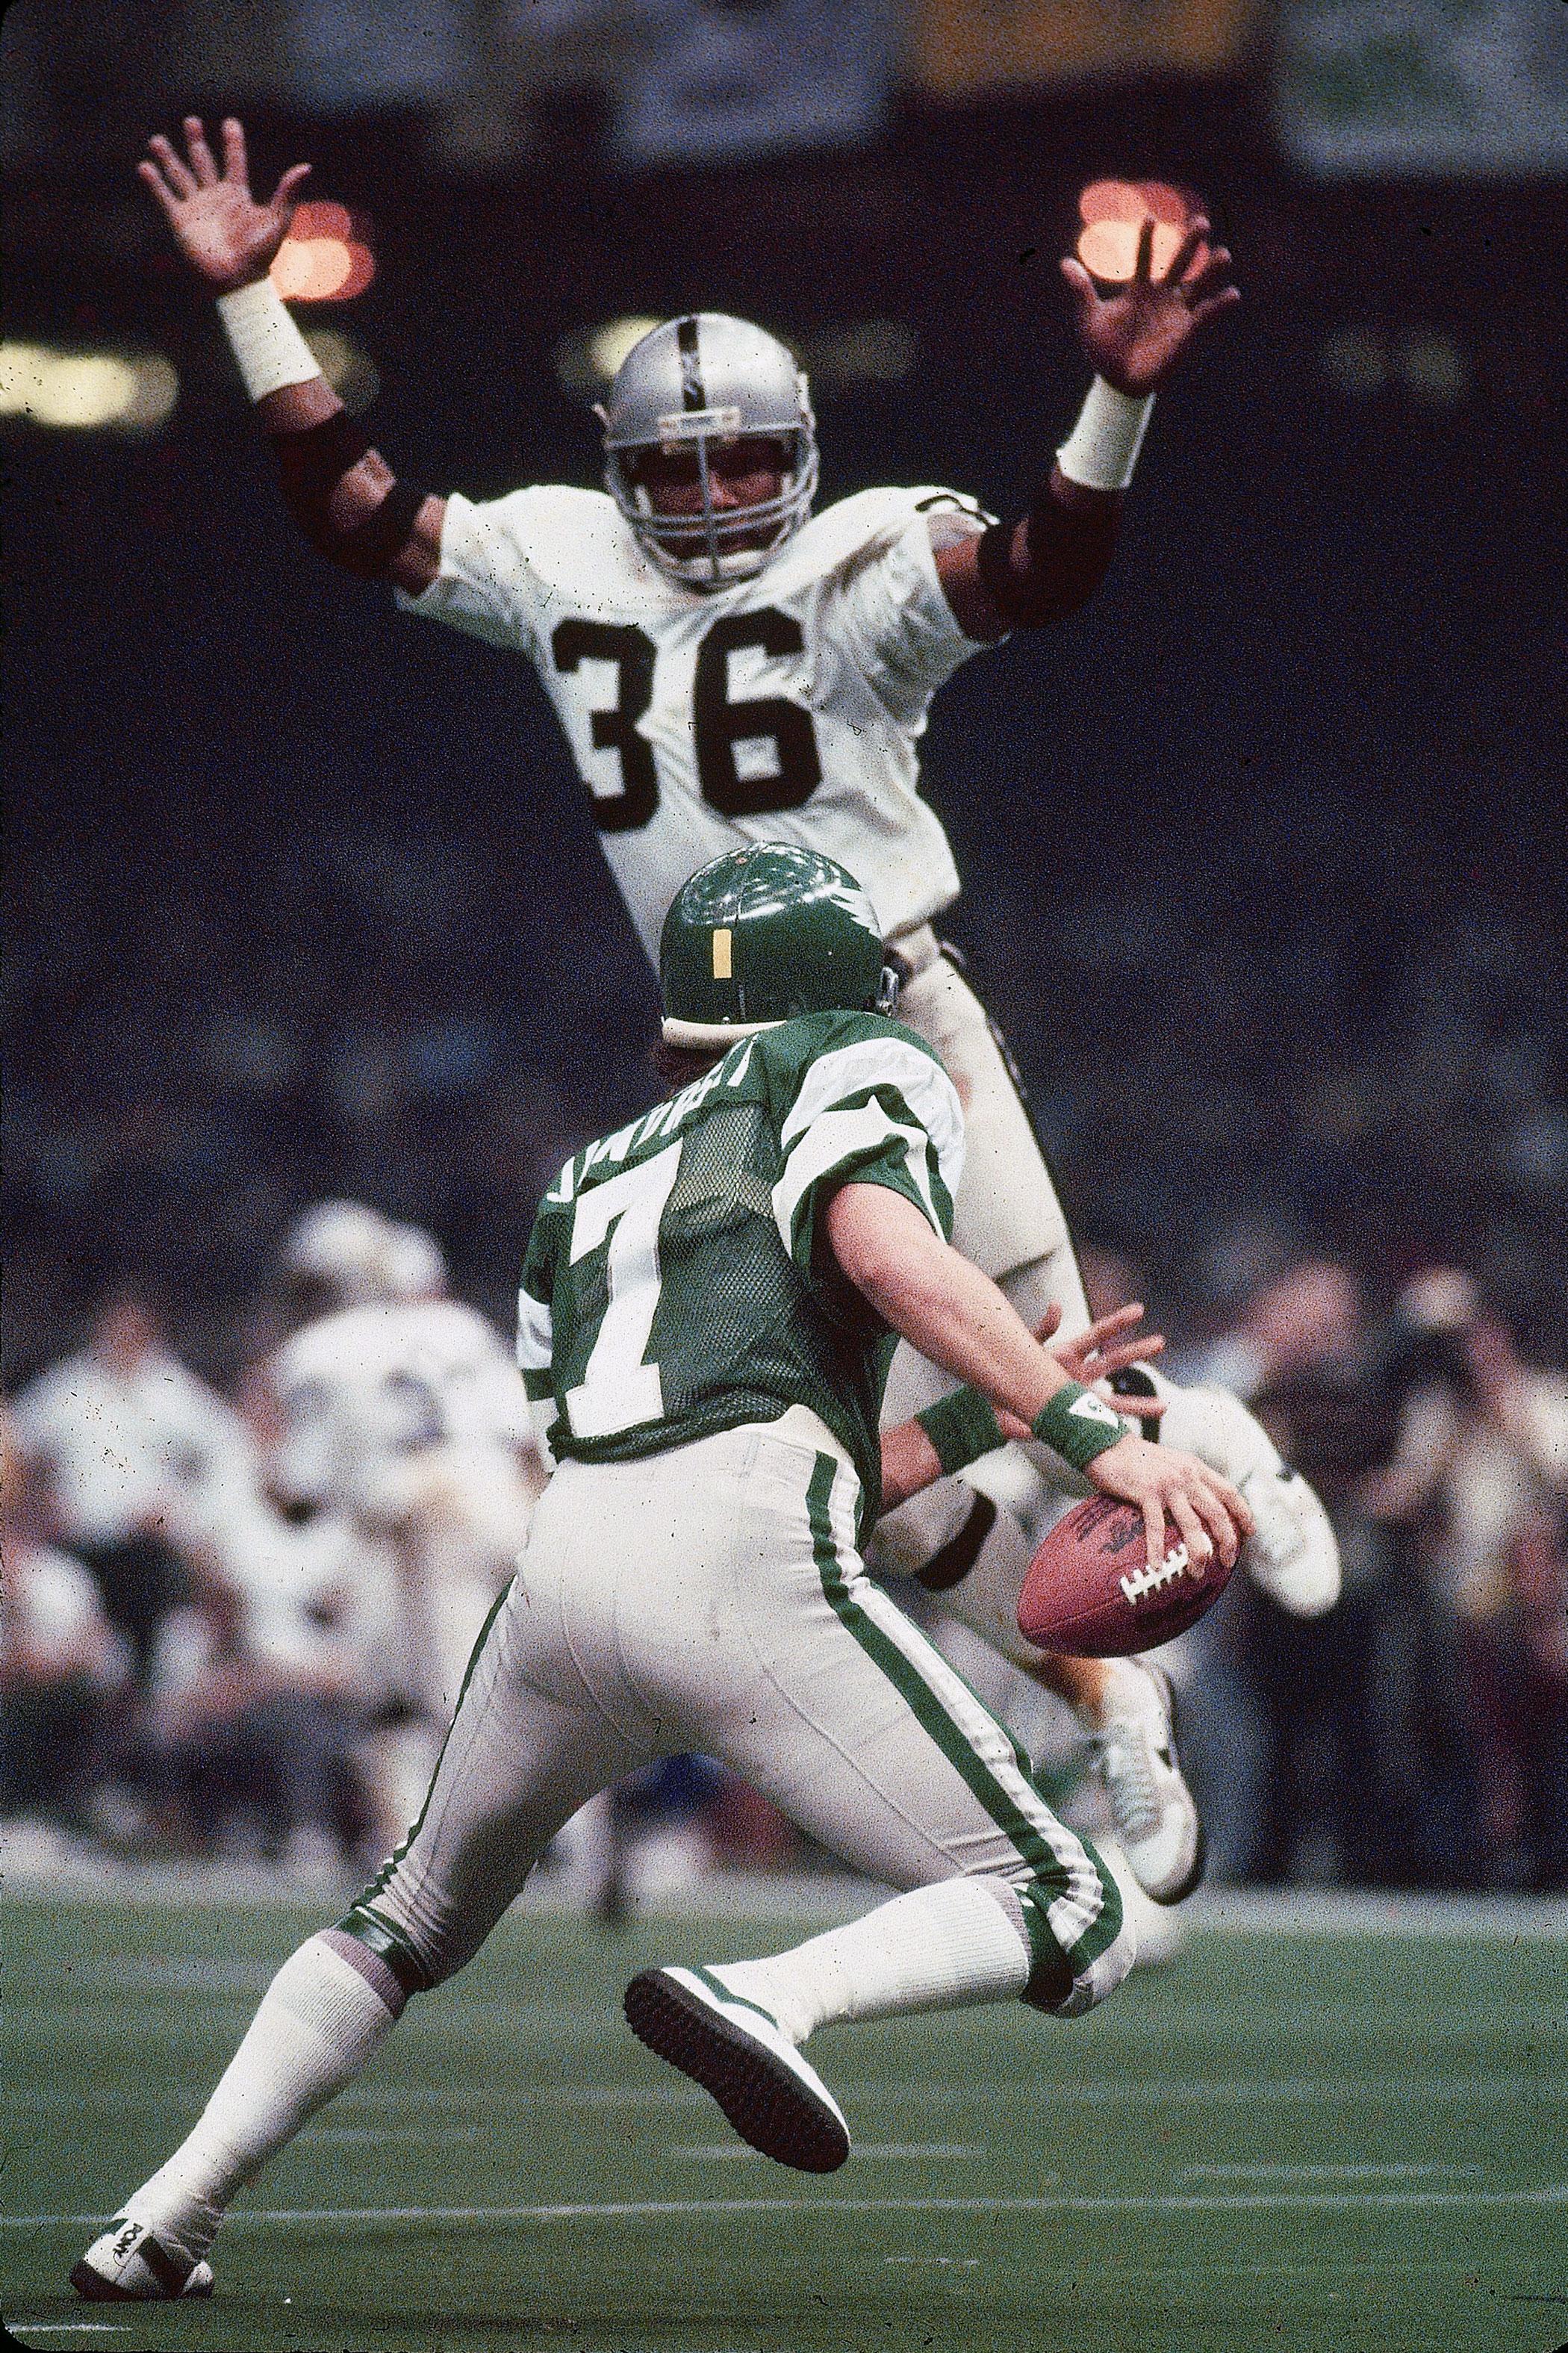 Super Bowl XV, Jan. 25, 1981                               Philadelphia Eagles vs Oakland Raiders in New Orleans